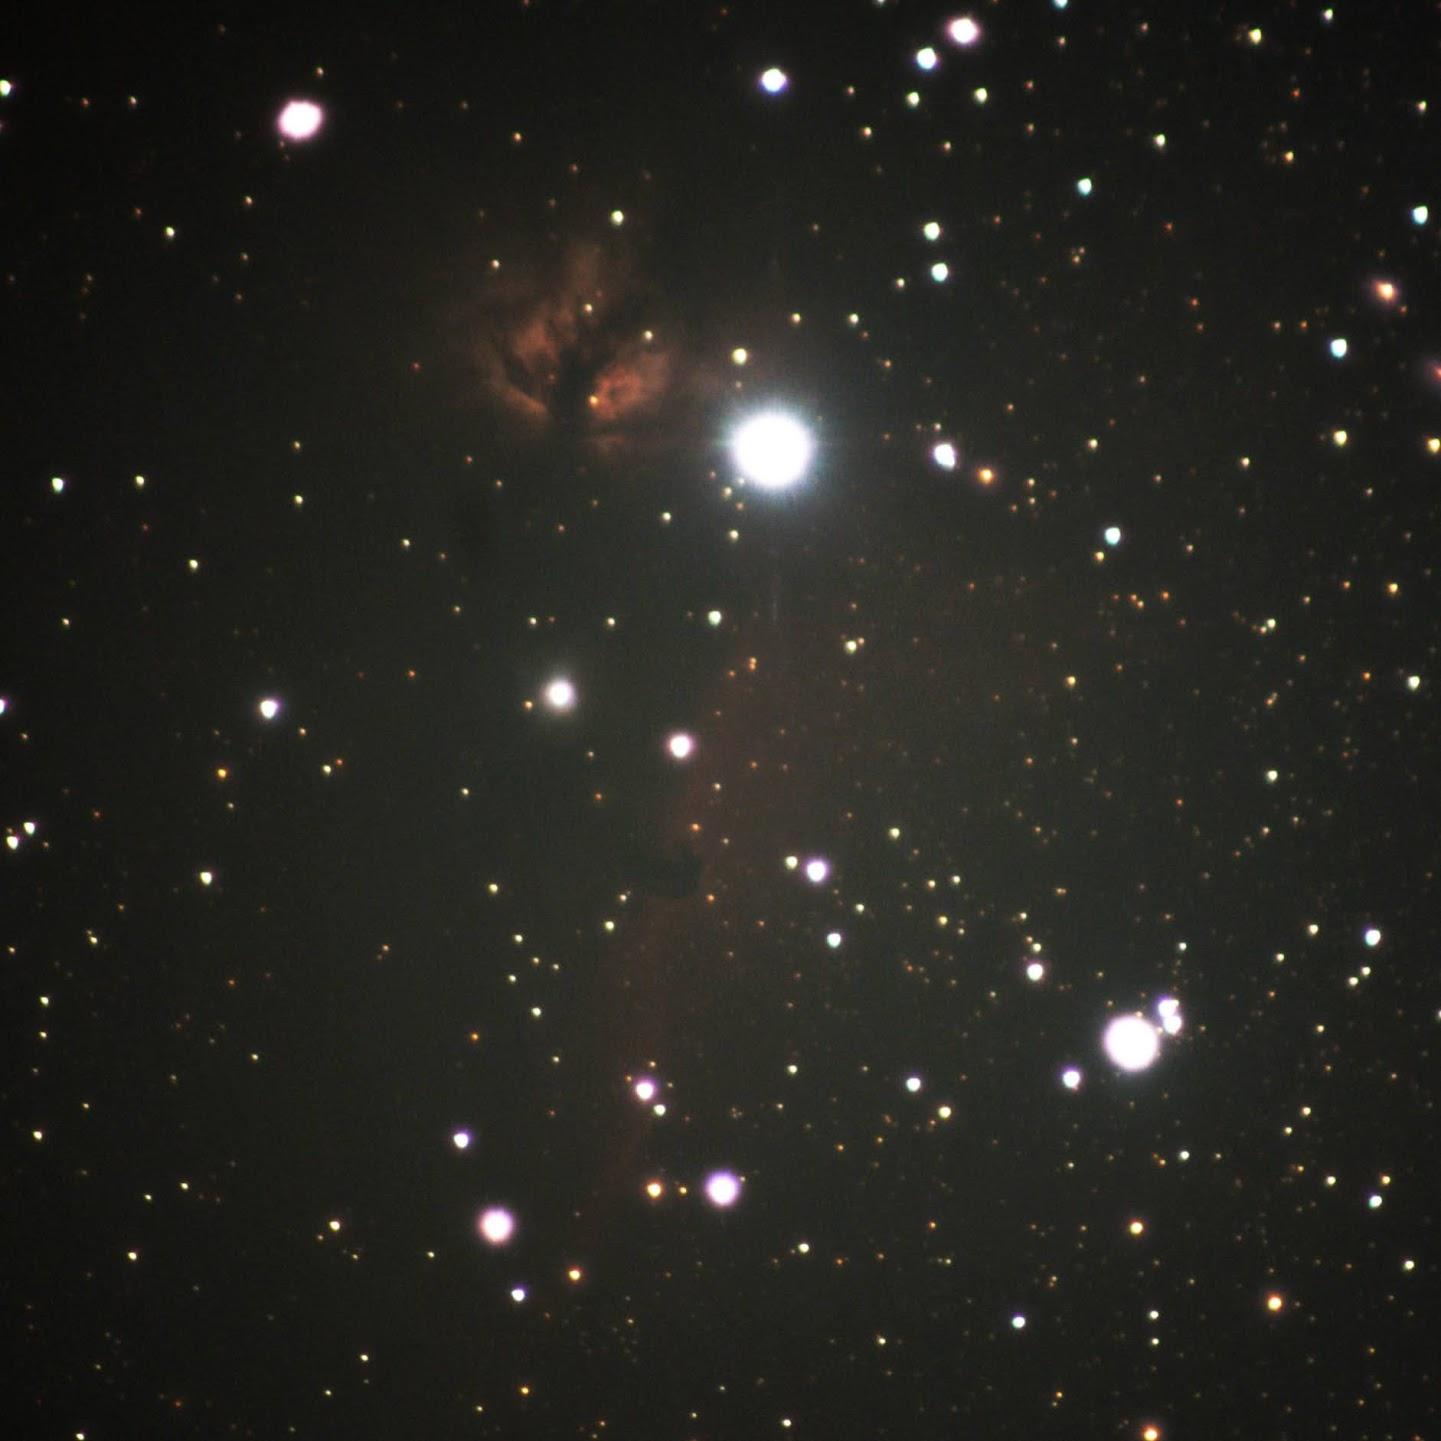 オリオン座の「馬頭星雲」と「燃える木」